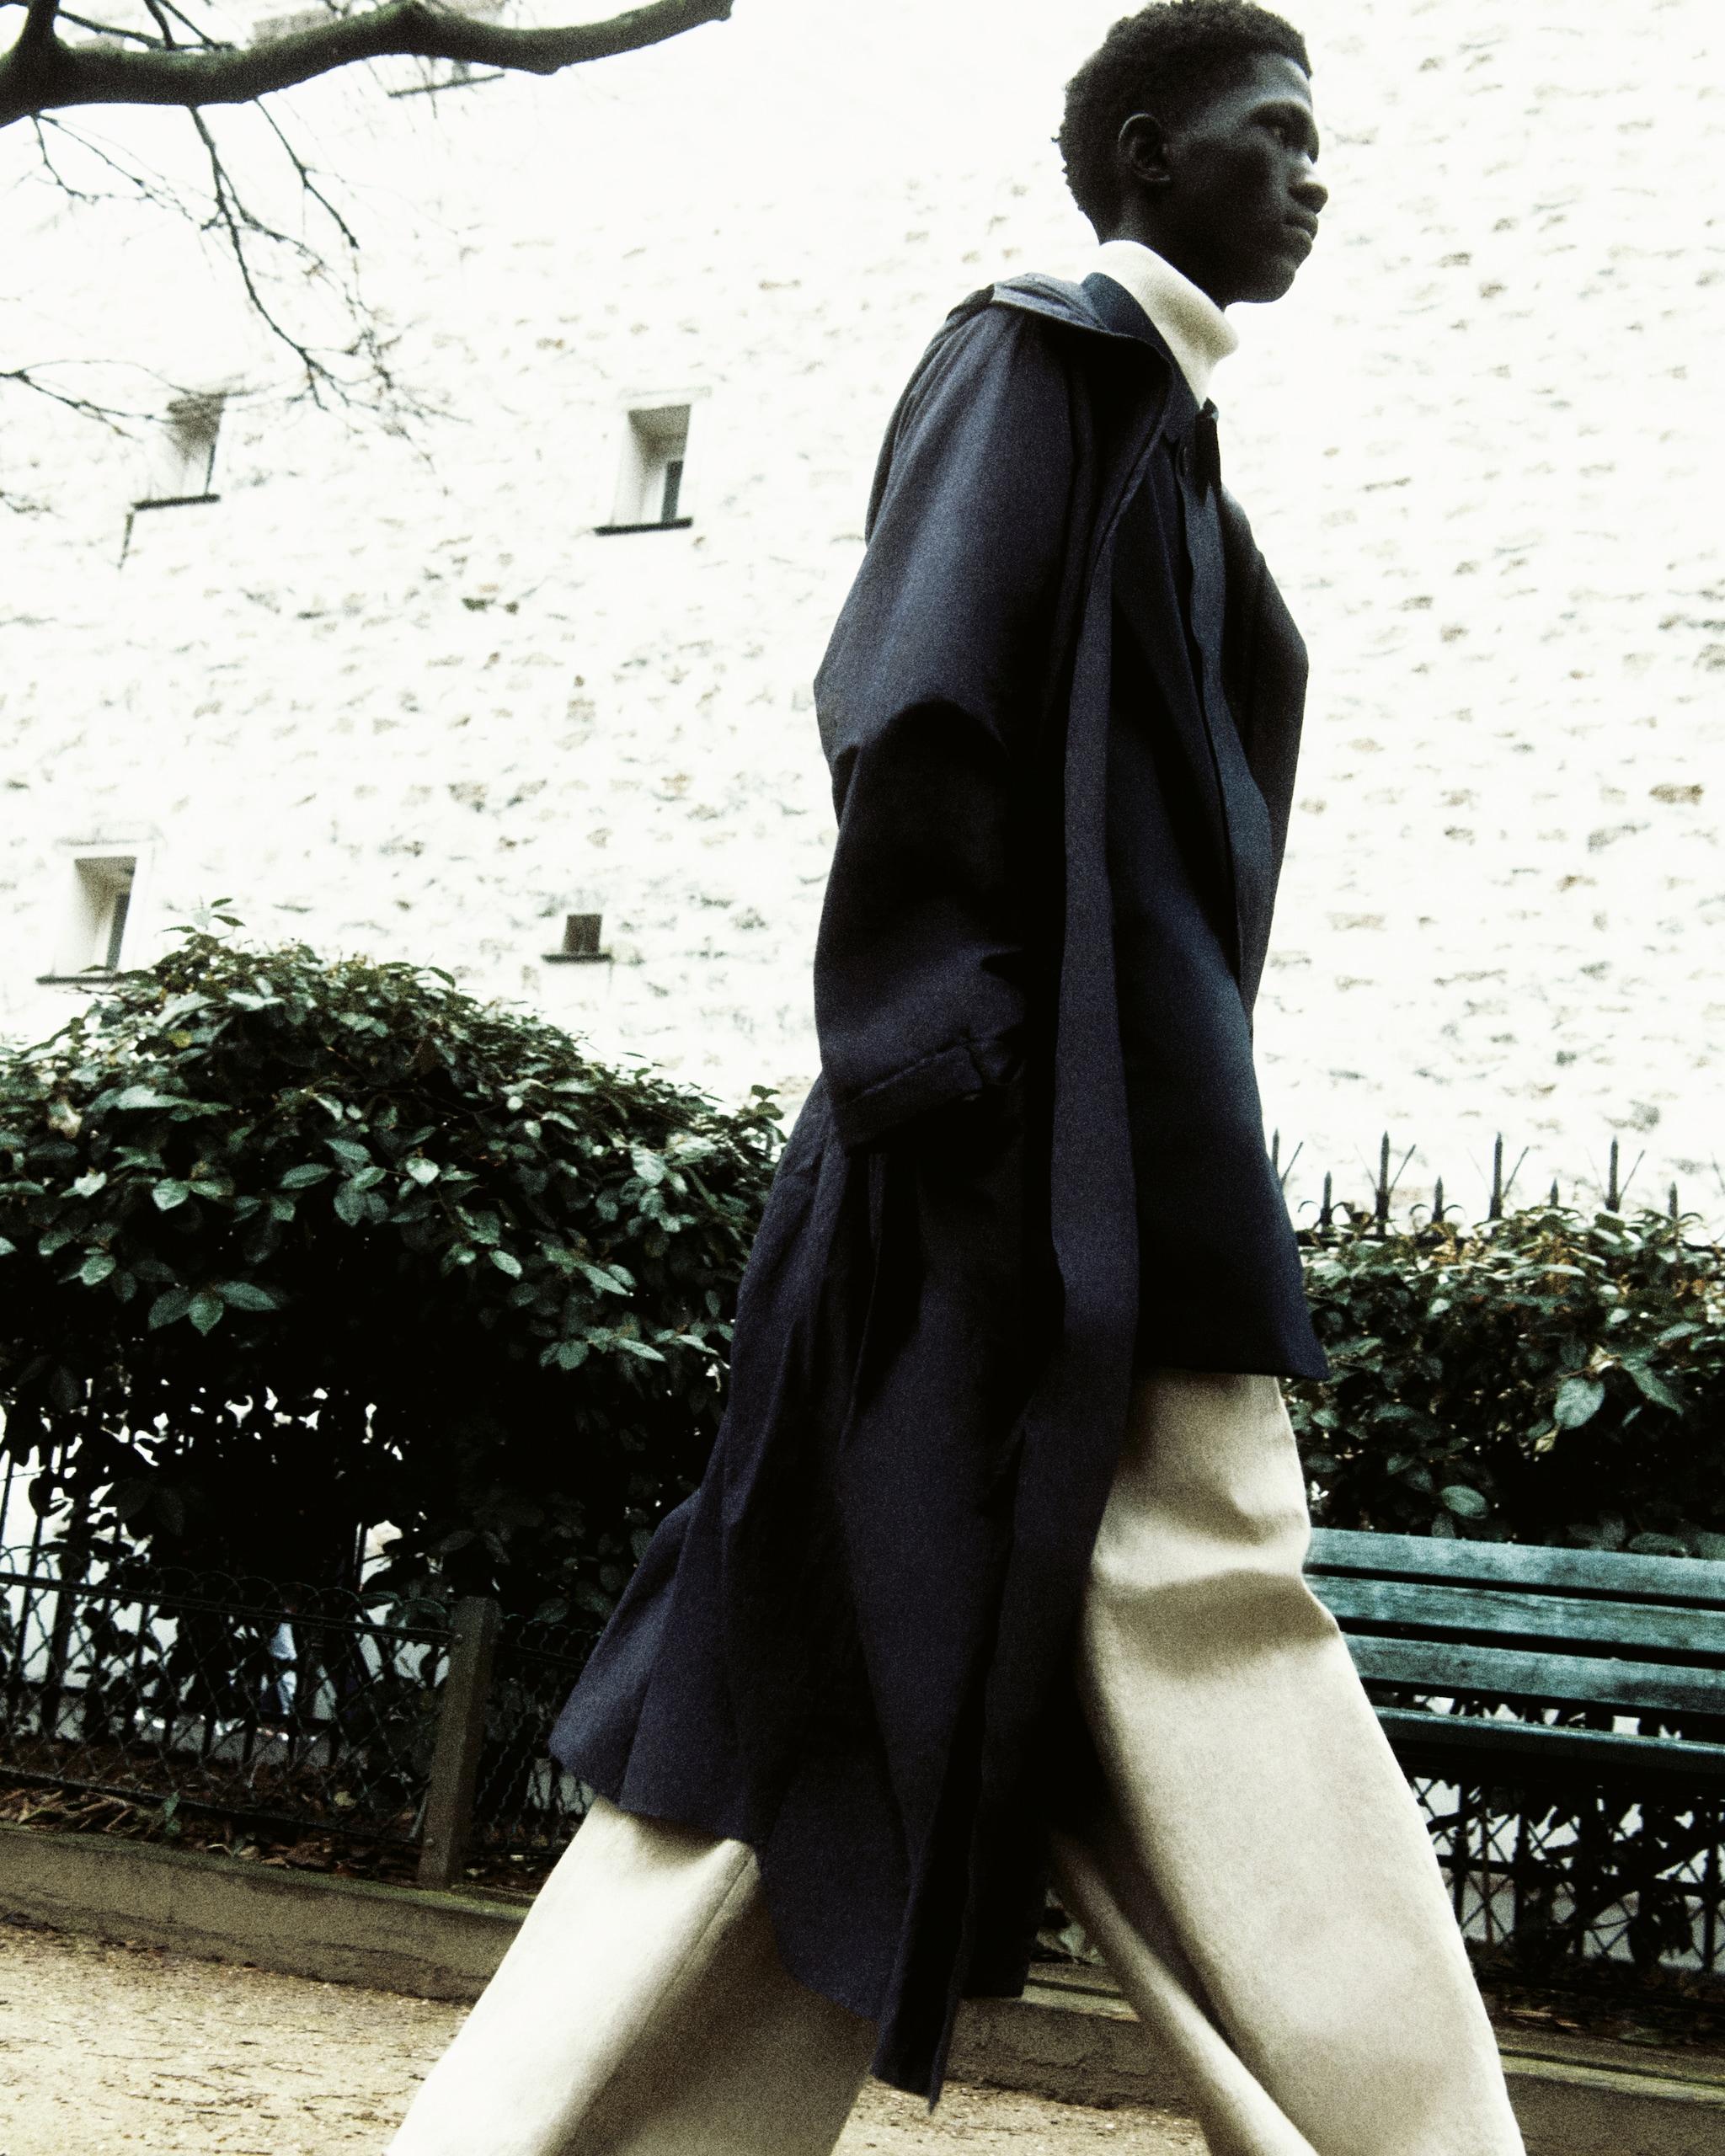 Parka a kimono in cotone, CRAIG GREEN (prezzo su richiesta). Impermeabile in tessuto tecnico bi-stretch, HERNO (650 €). Dolcevita in lana merino, UNIQLO (34,90 €). Pantaloni in lino, BOTTEGA VENETA (950 €).